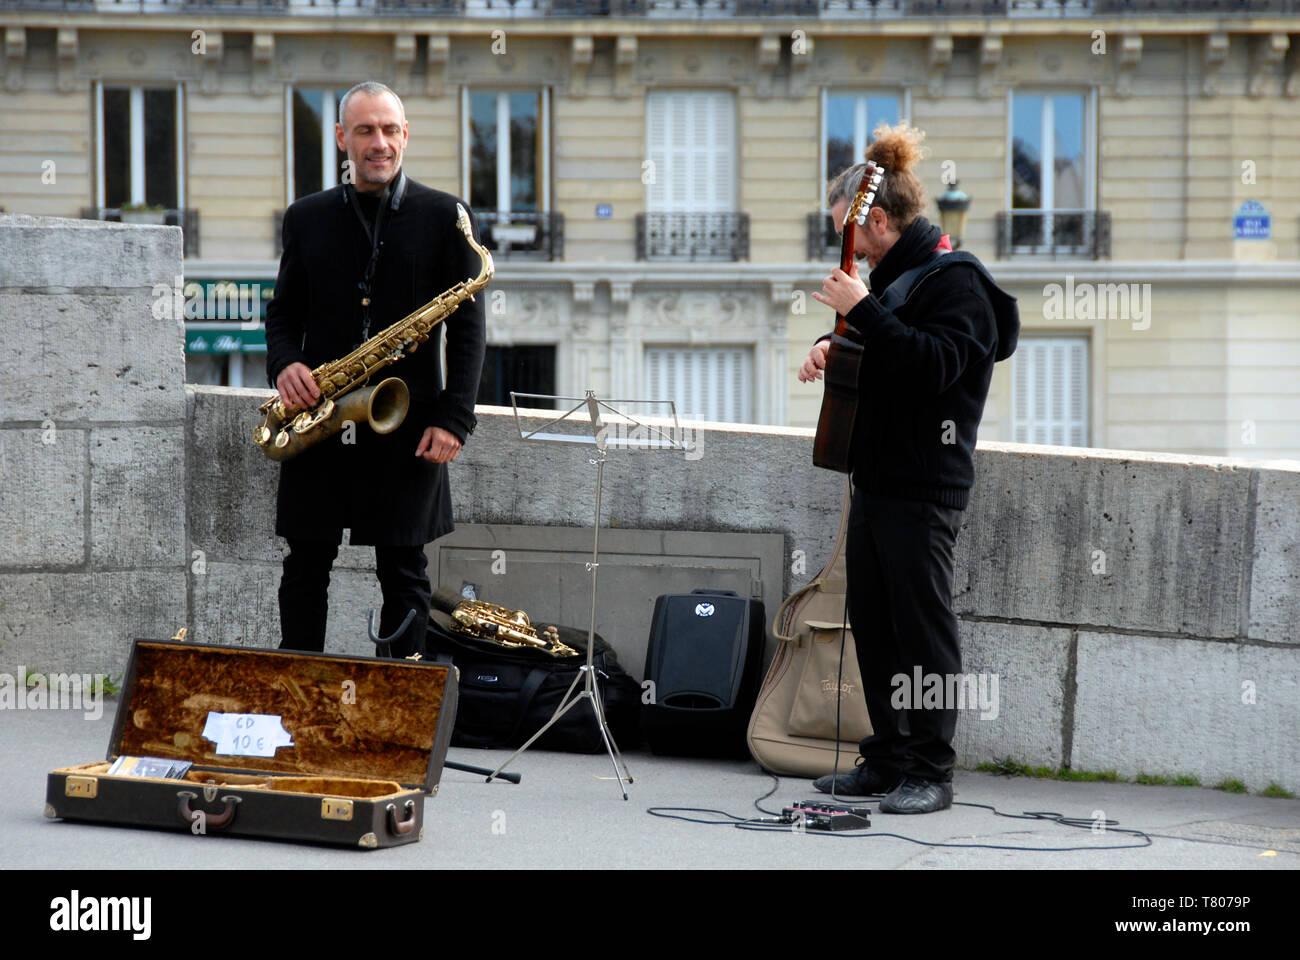 Deux des musiciens ambulants dans la rue à Paris, France, avec une variété d'instruments et la vente des CD Photo Stock